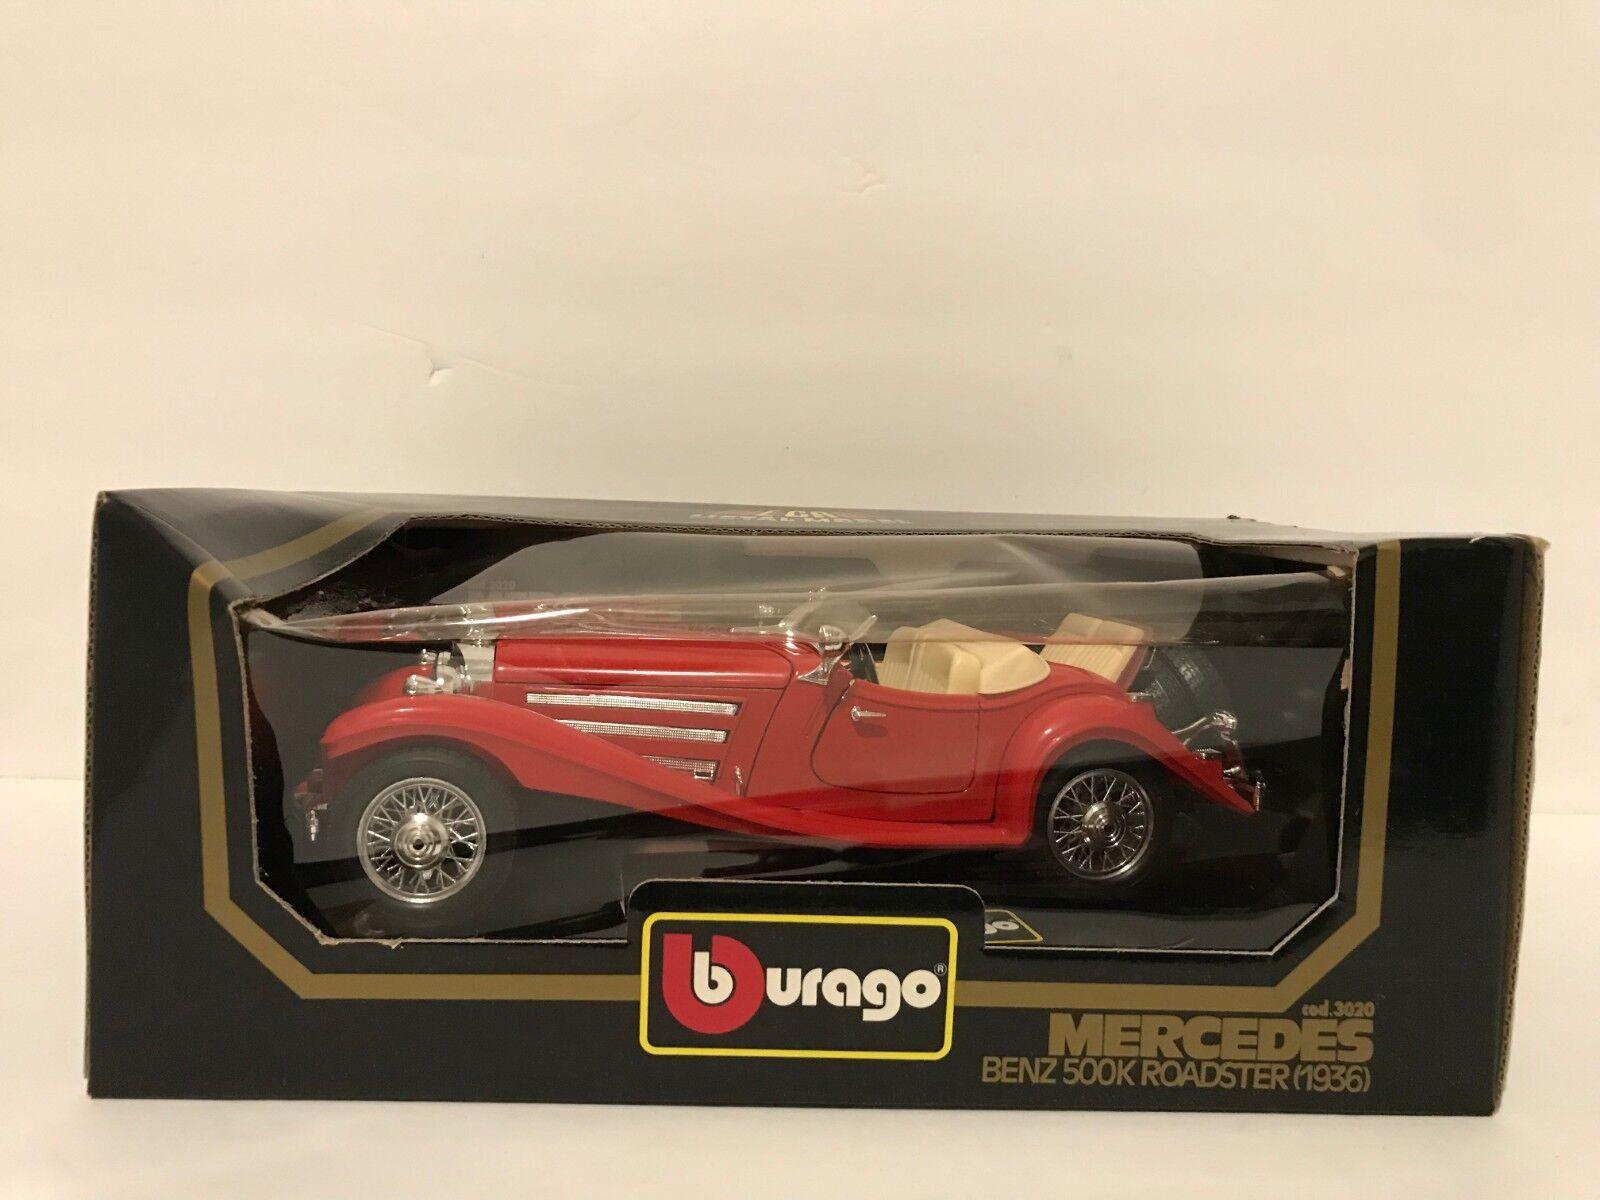 tienda de venta Burago 1 1 1 18 - 3020 Mercedes Benz 500K Roadster 1936  para proporcionarle una compra en línea agradable